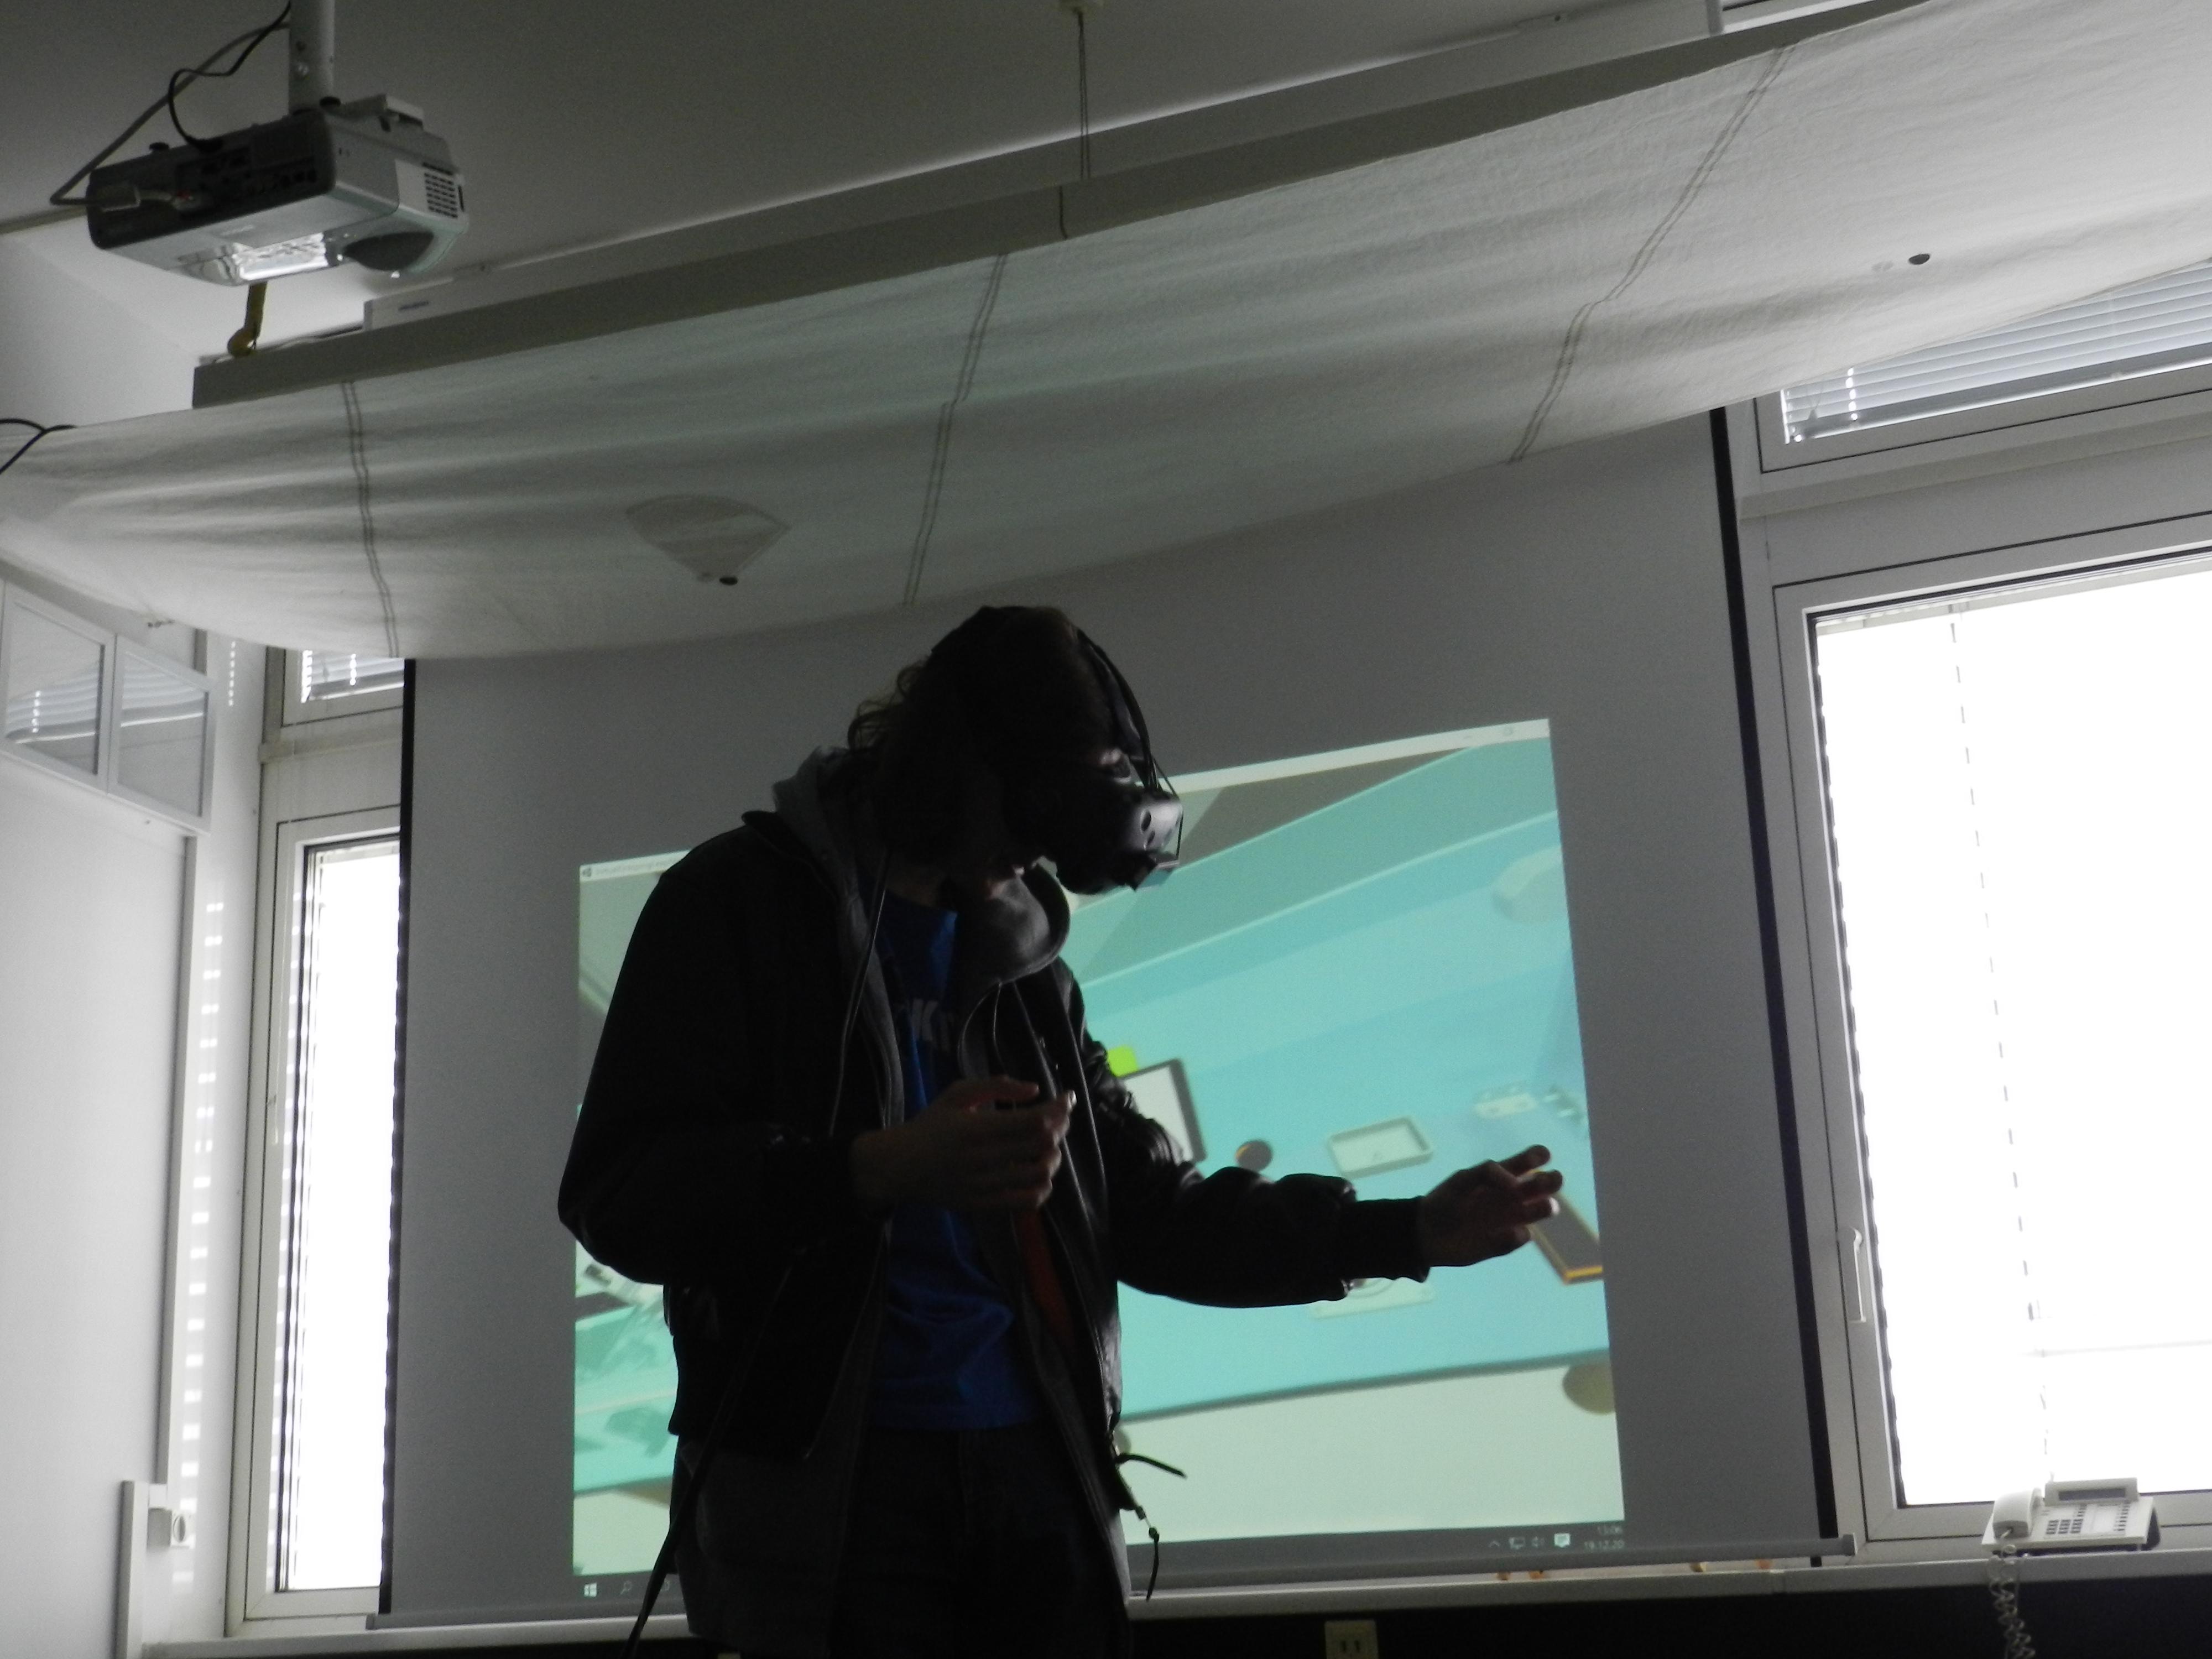 http://www.steingymnasium.de/wp-content/uploads/2017/01/DSCN2681.jpg